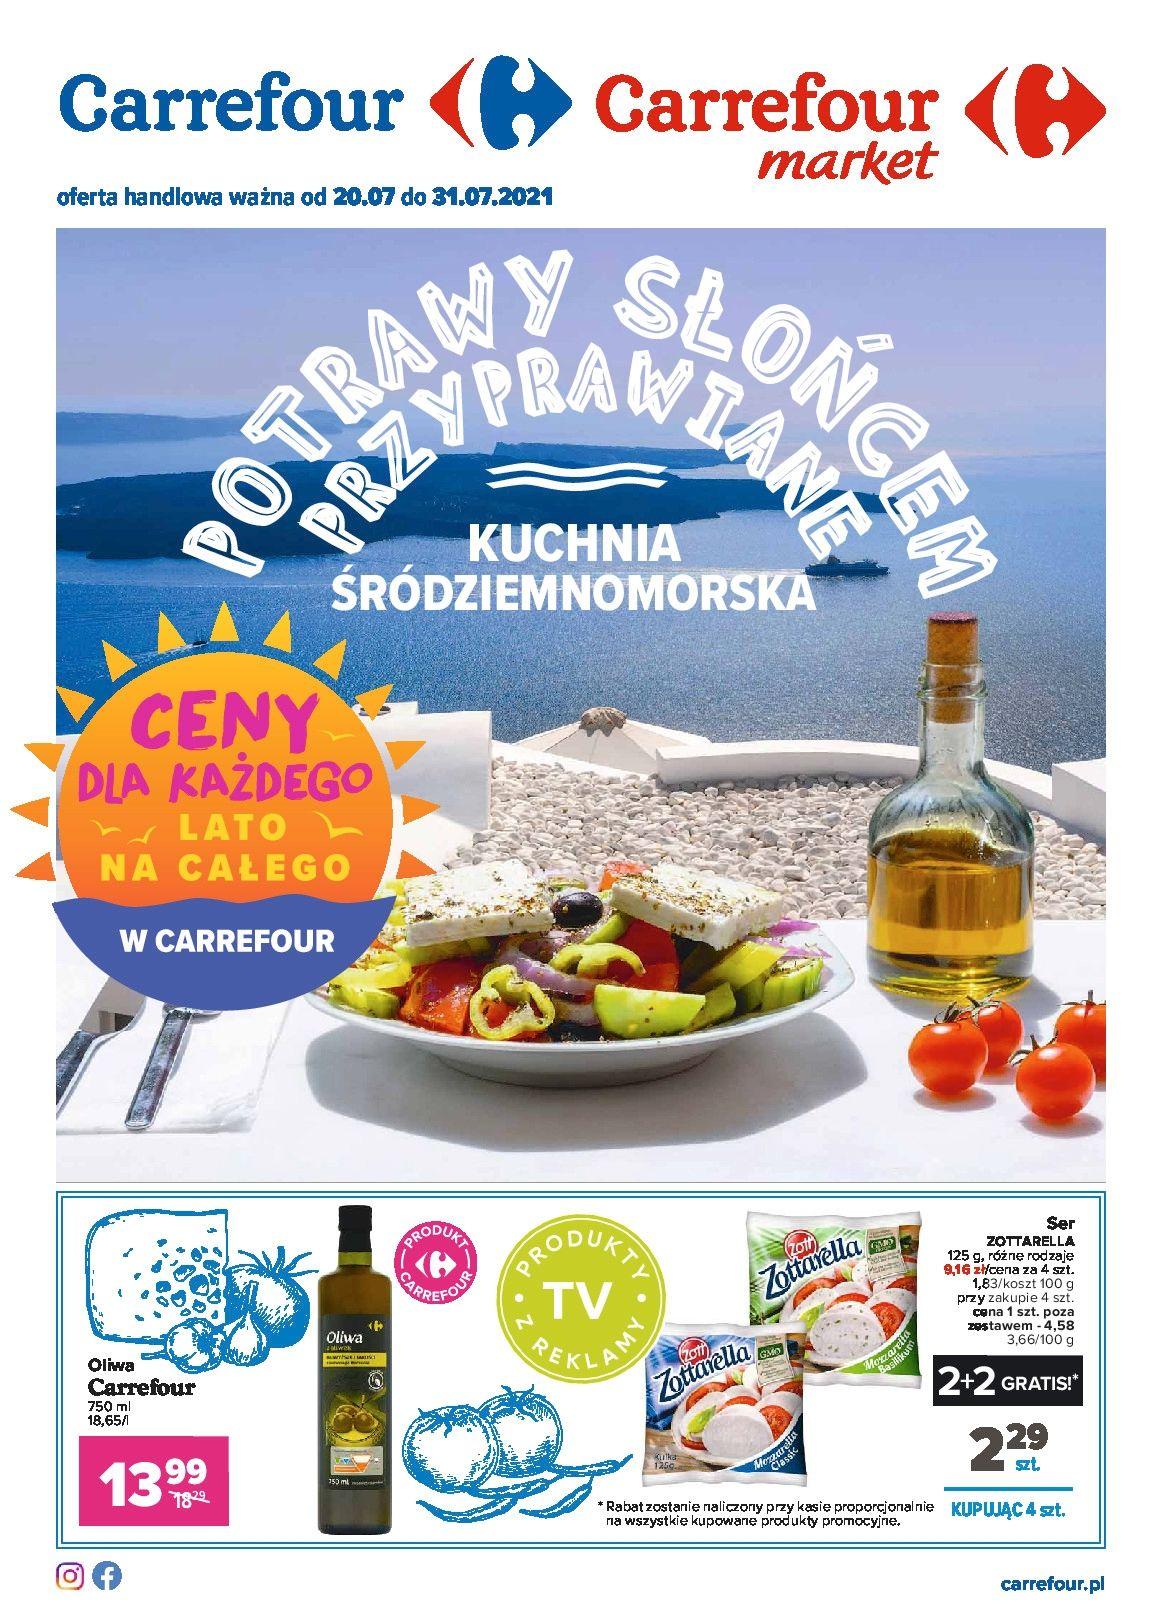 Gazetka Gazetka Kuchnia śródziemnomorska